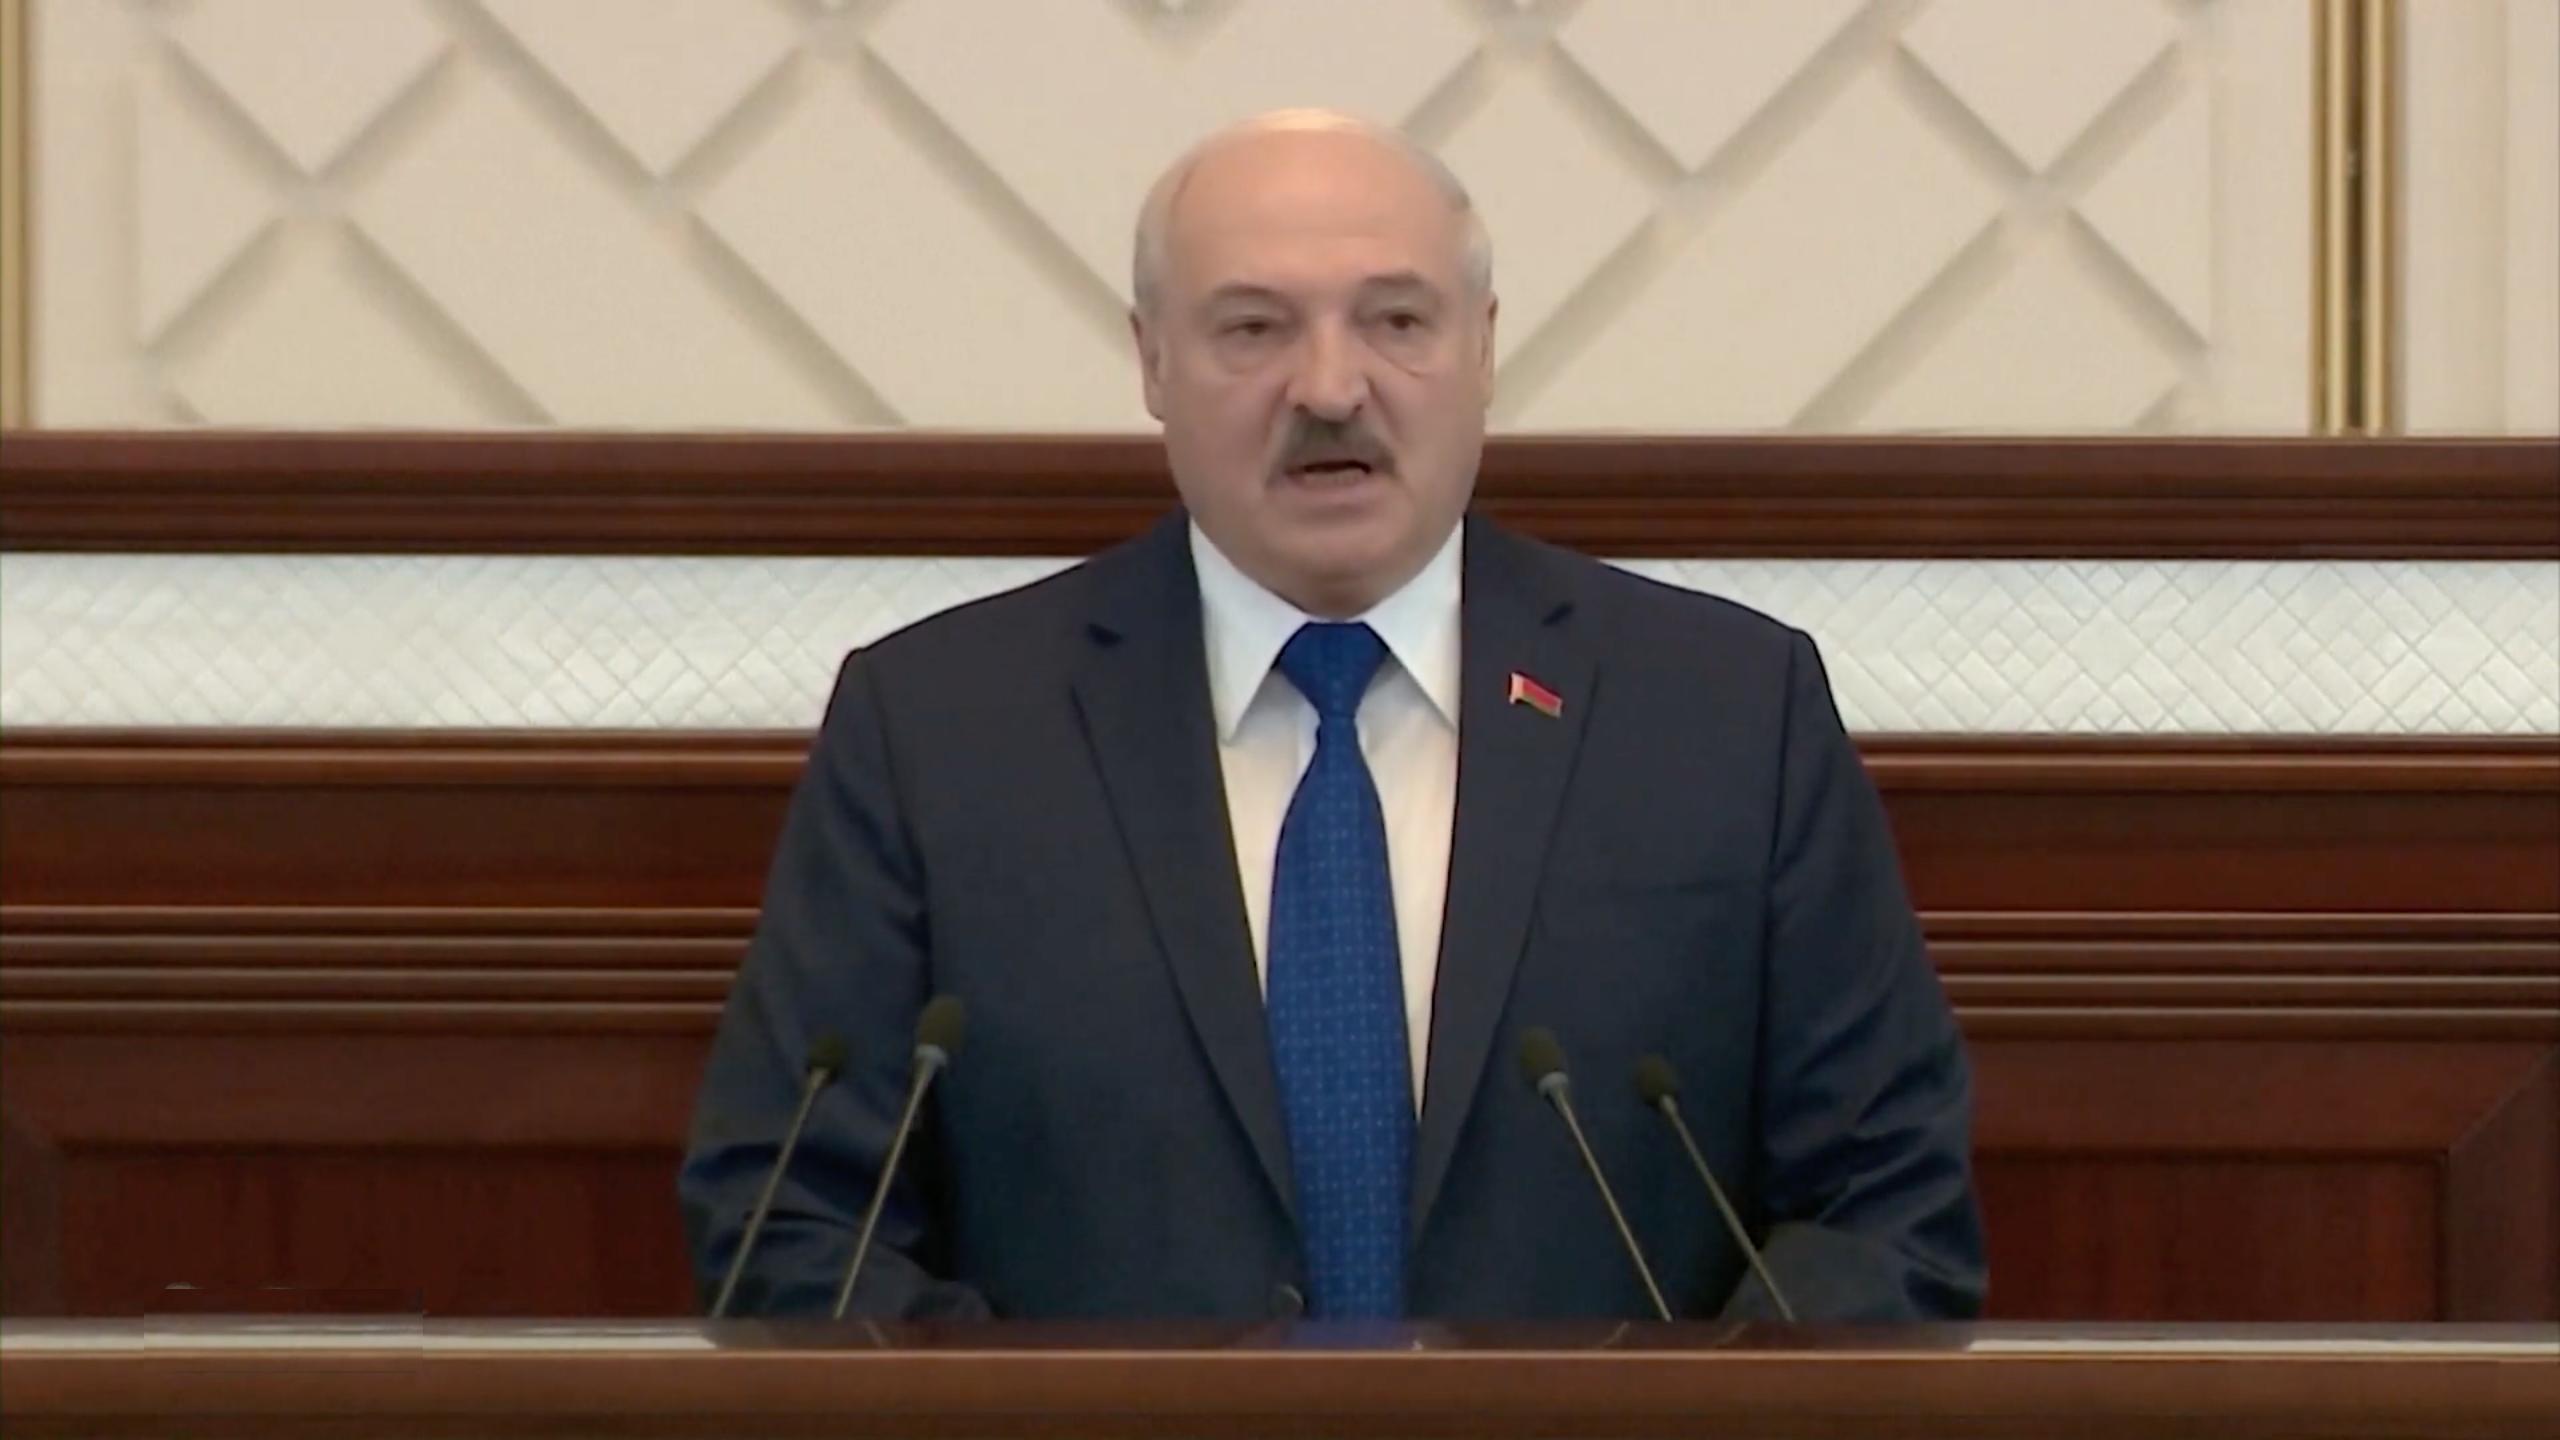 Reżim Łukaszenki odgraża się Europie w sprawie sankcji